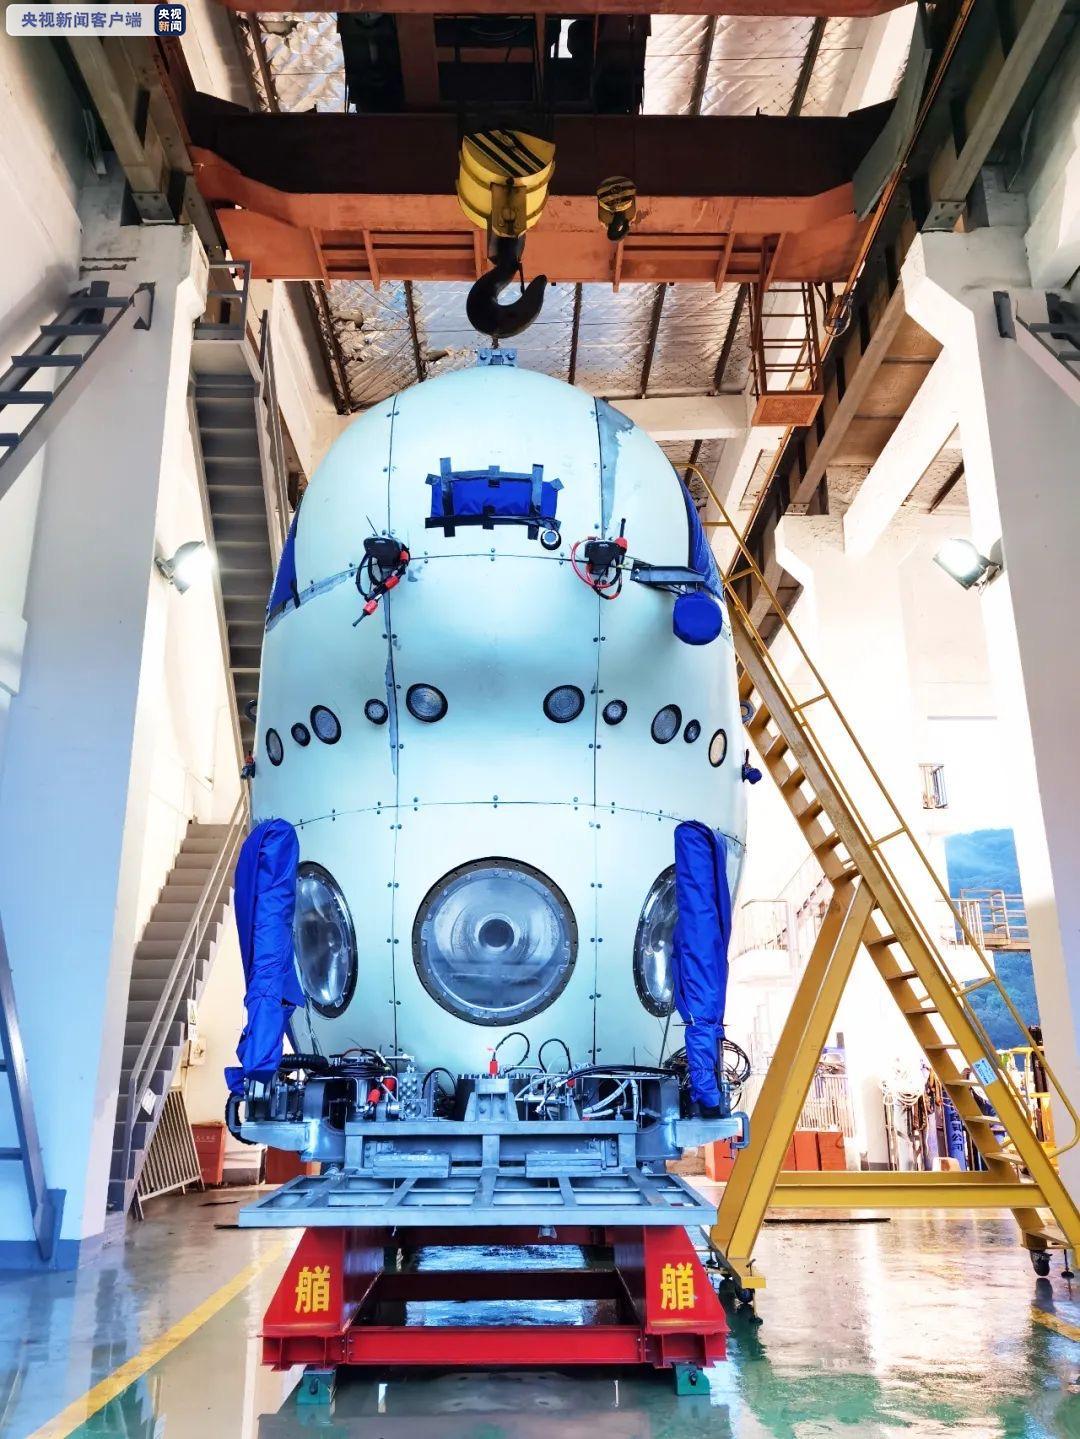 定了!中国万米载人潜水器正式命名:奋斗者号